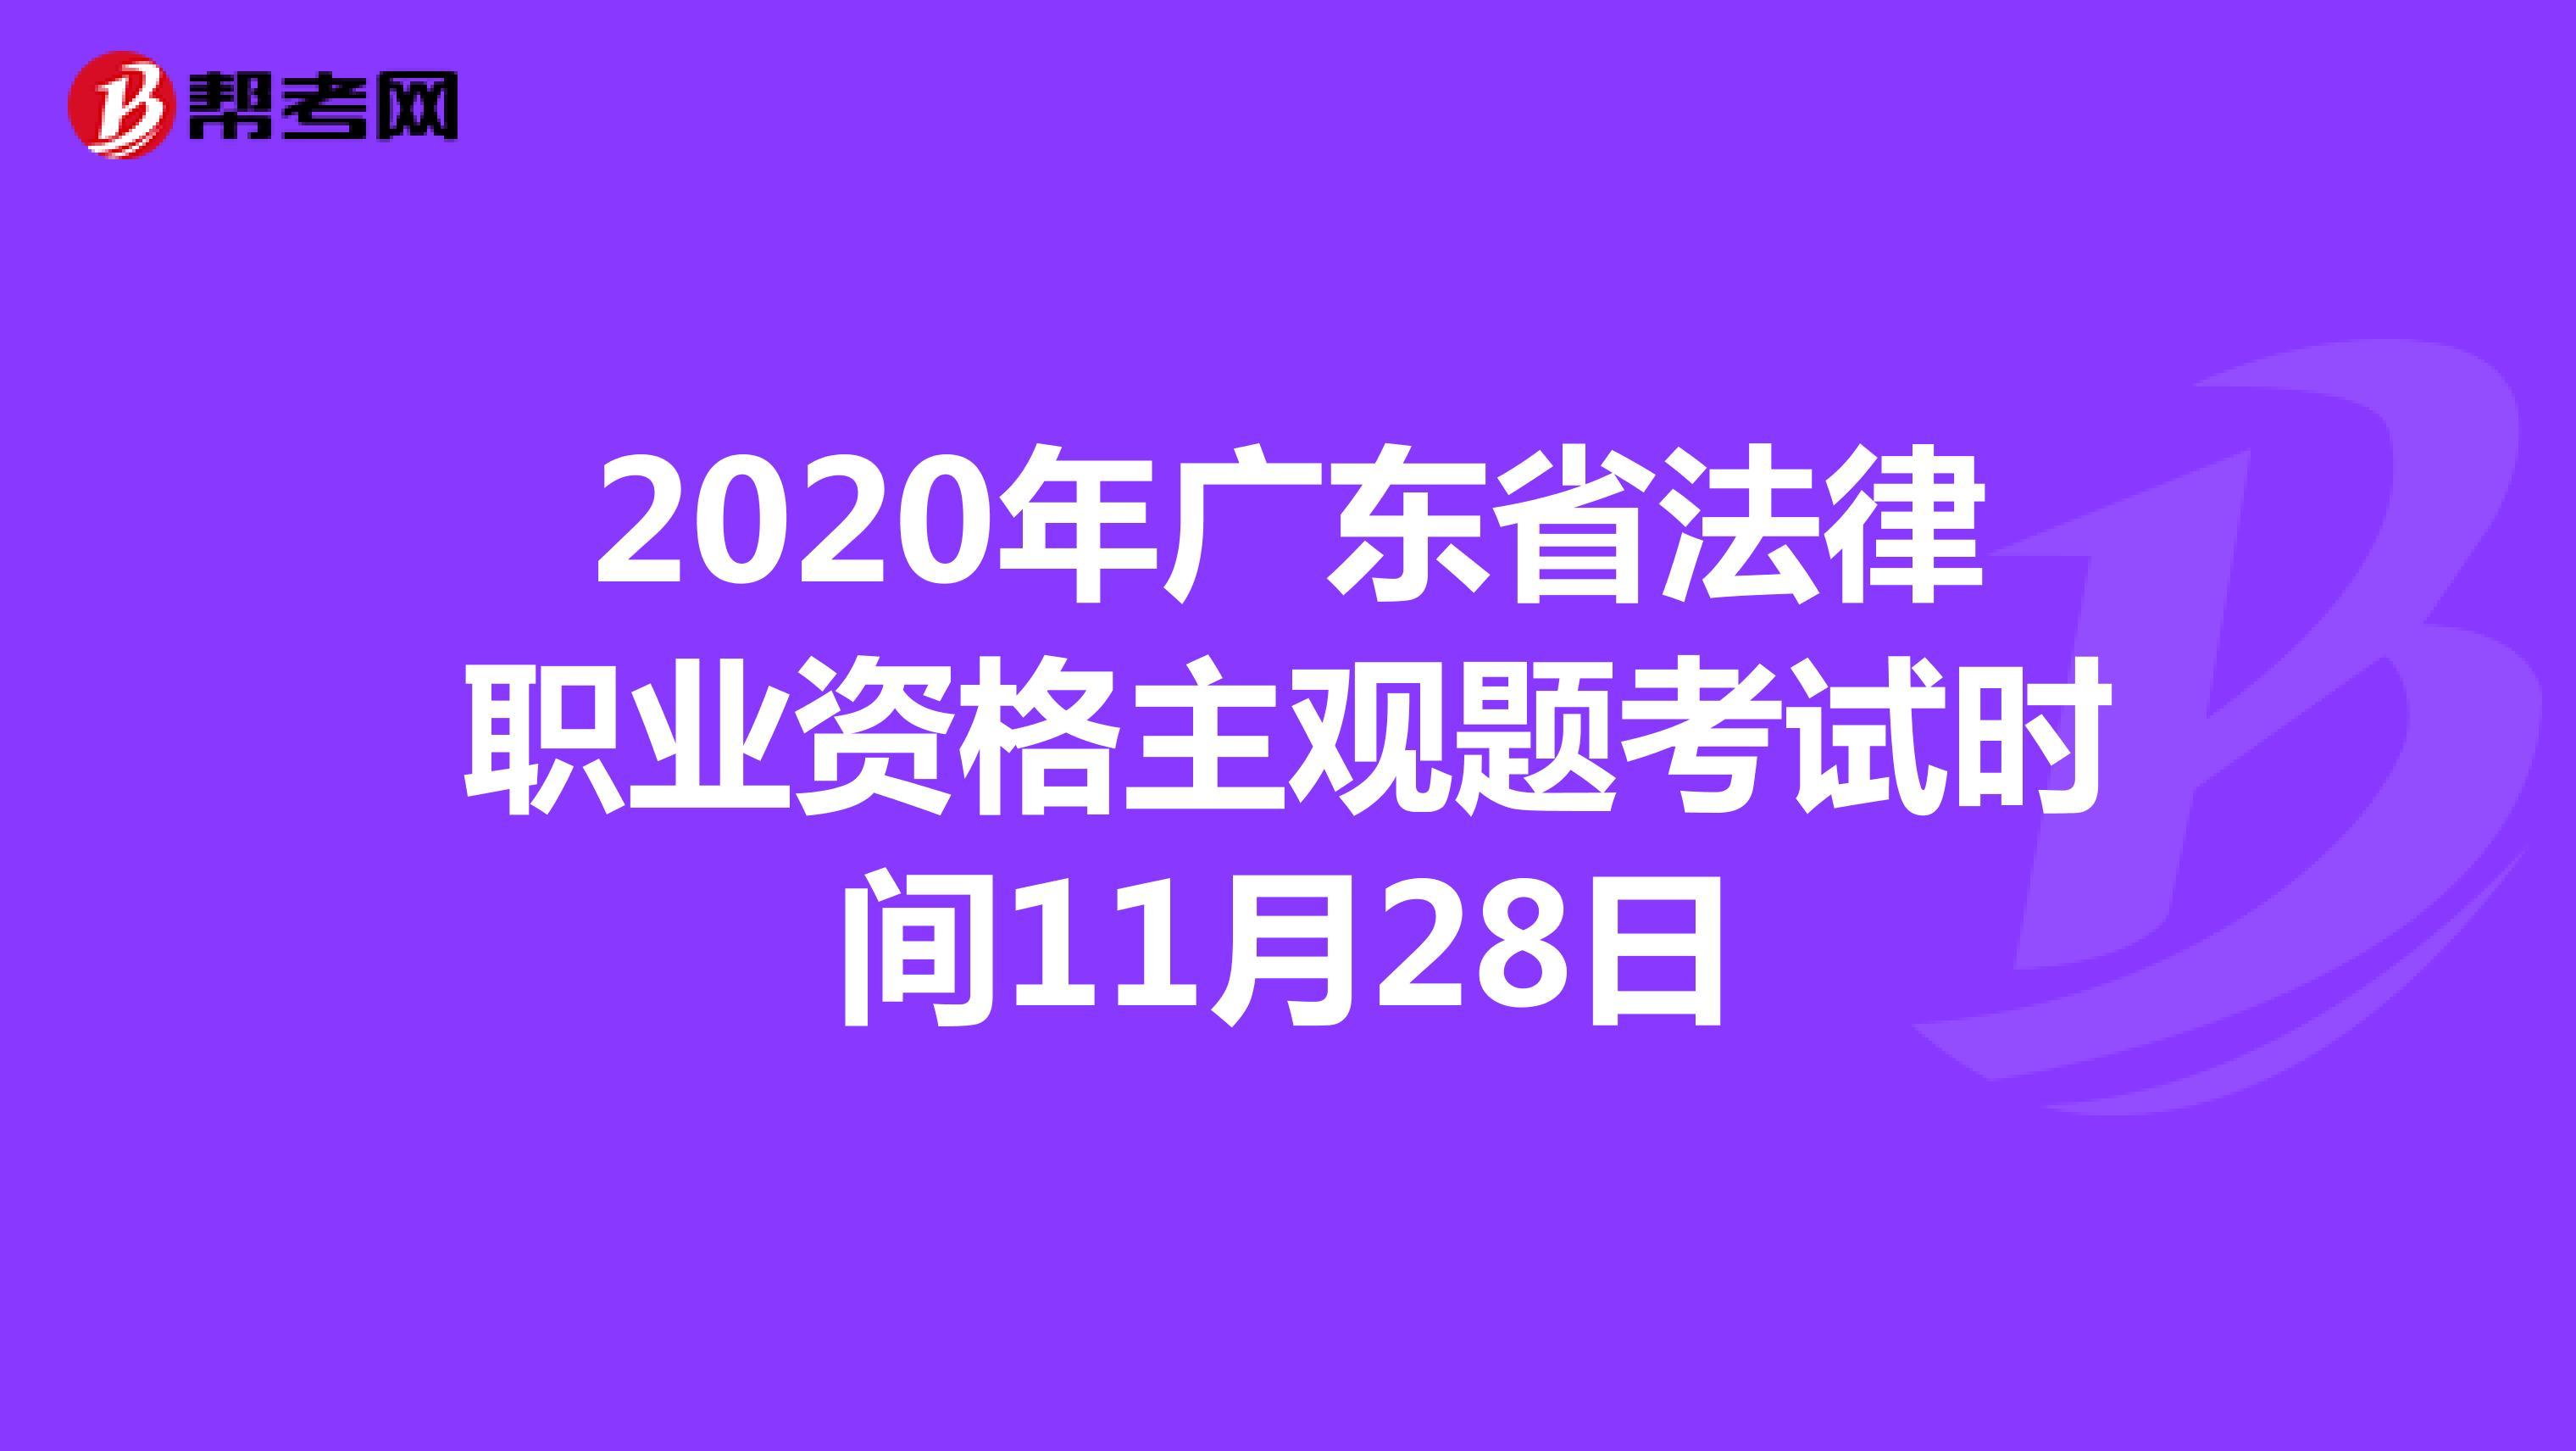 2020年廣東省法律職業資格主觀題考試時間11月28日